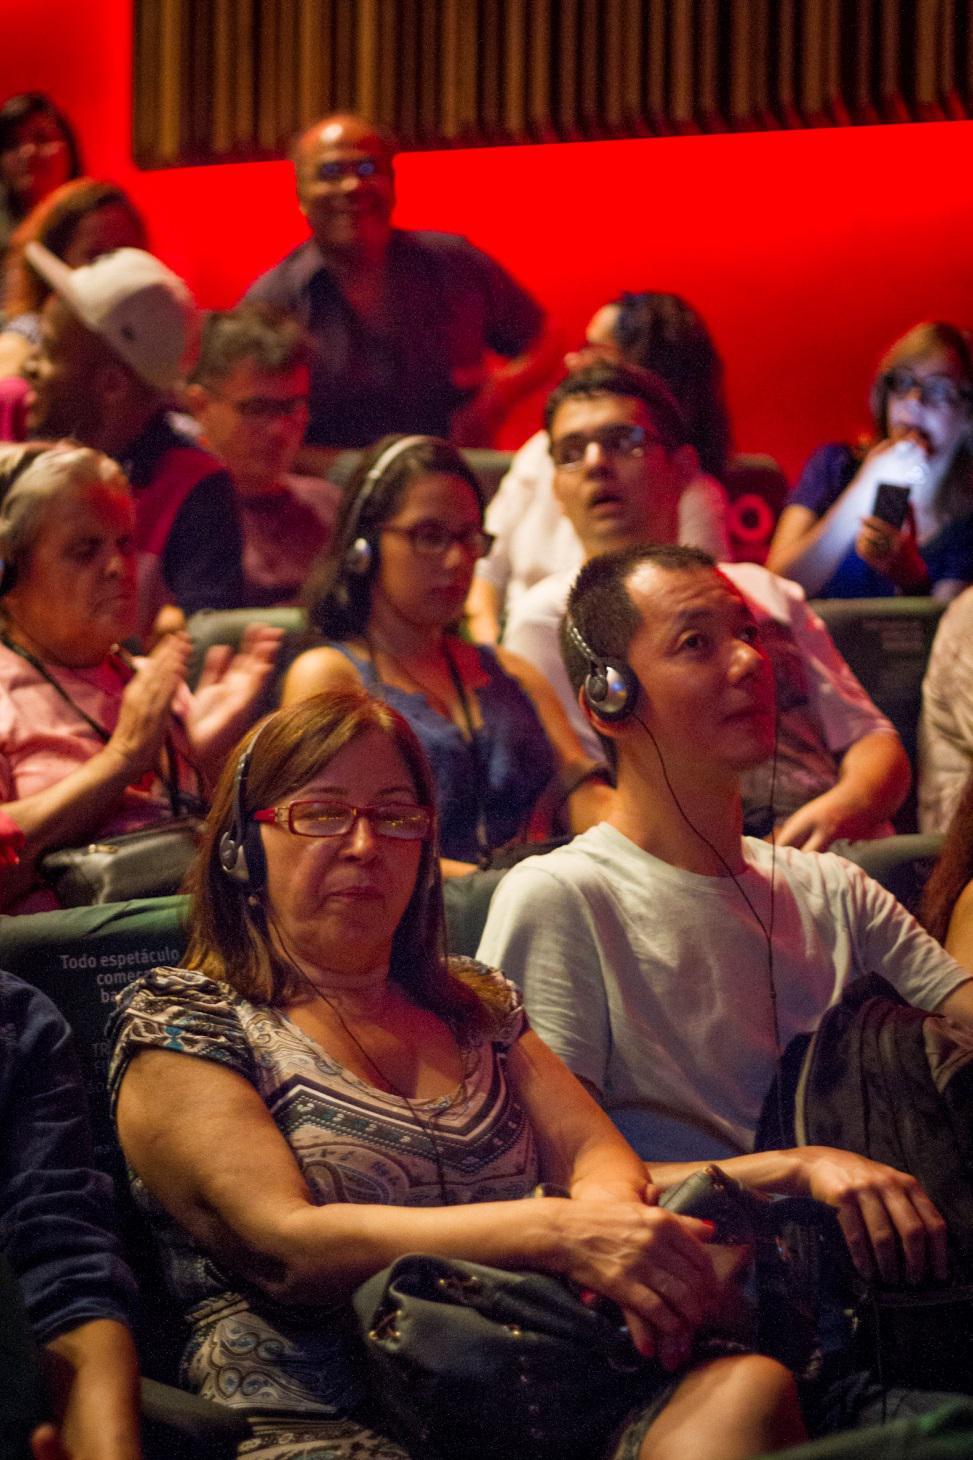 Descrição: Fotografia colorida de Maria de Lourdes e Edson Teruko, sentados na plateia do Teatro Cetip, assistindo ao musical BEATLES NUM CÉU DE DIAMANTES com audiodescrição. Na fileira atrás deles, estão D. Lucinha, Bárbara Ferreira e Bruno